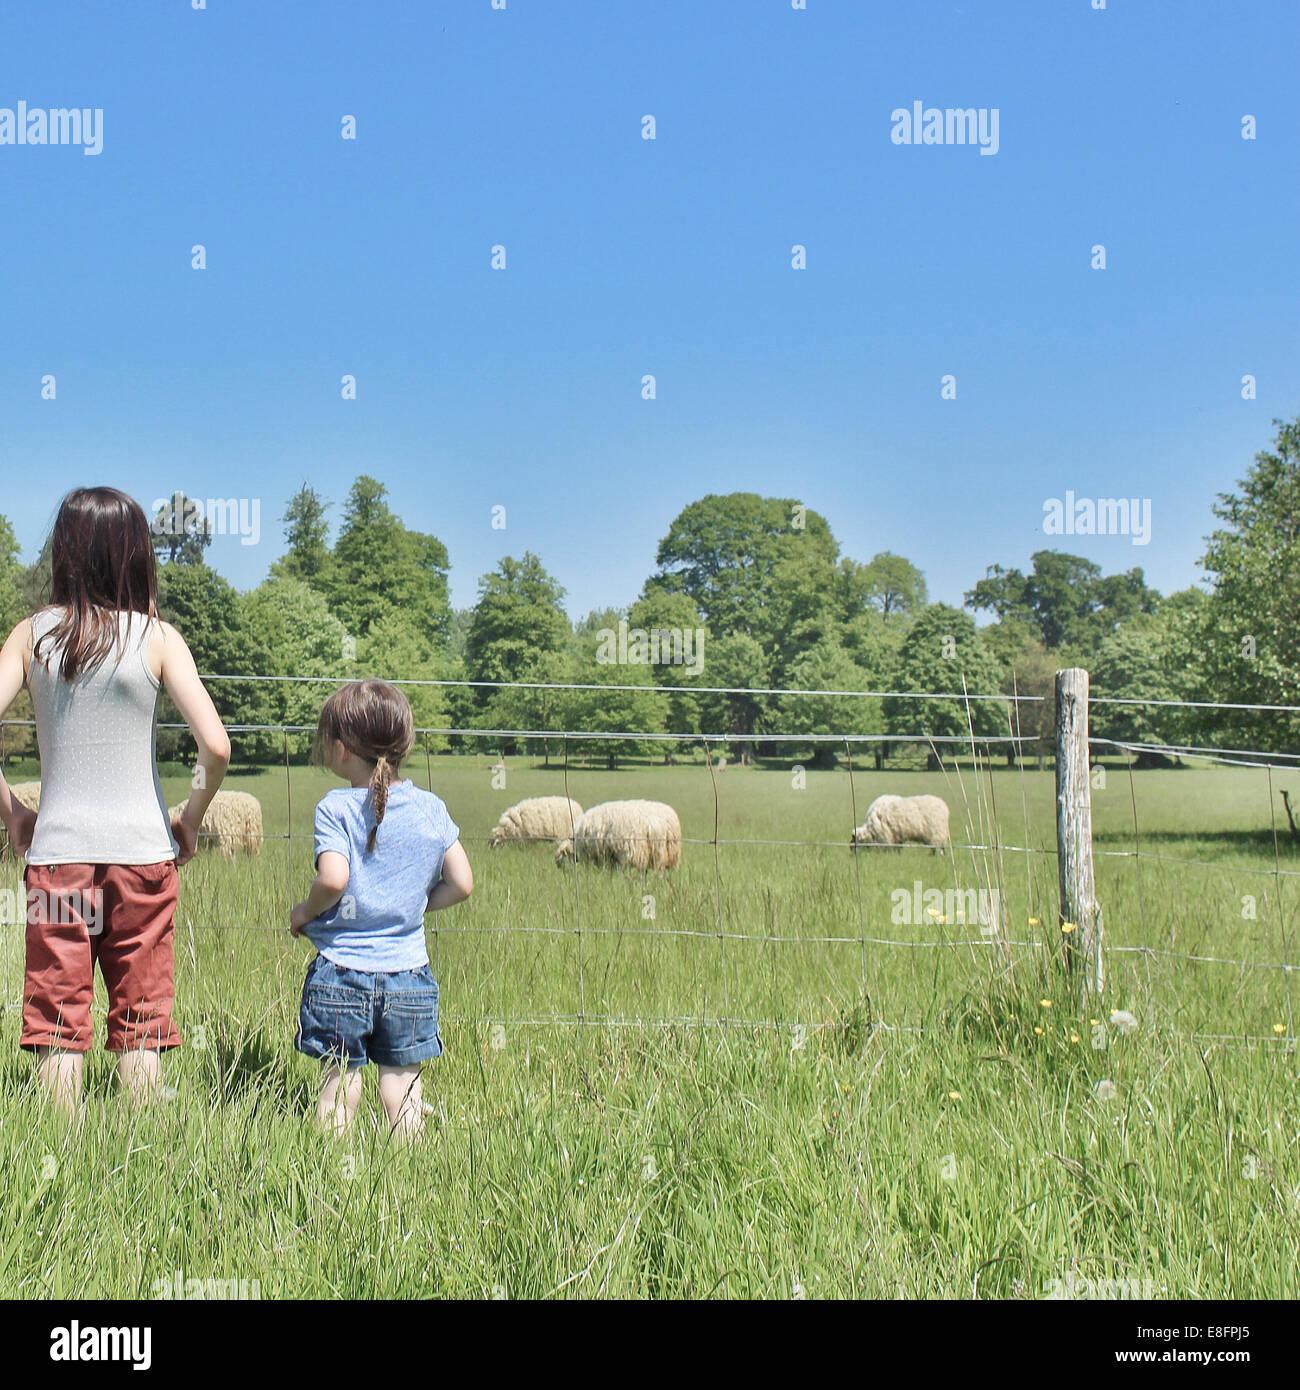 Zwei Mädchen auf der Suche bei Schafen in einem Feld Stockbild